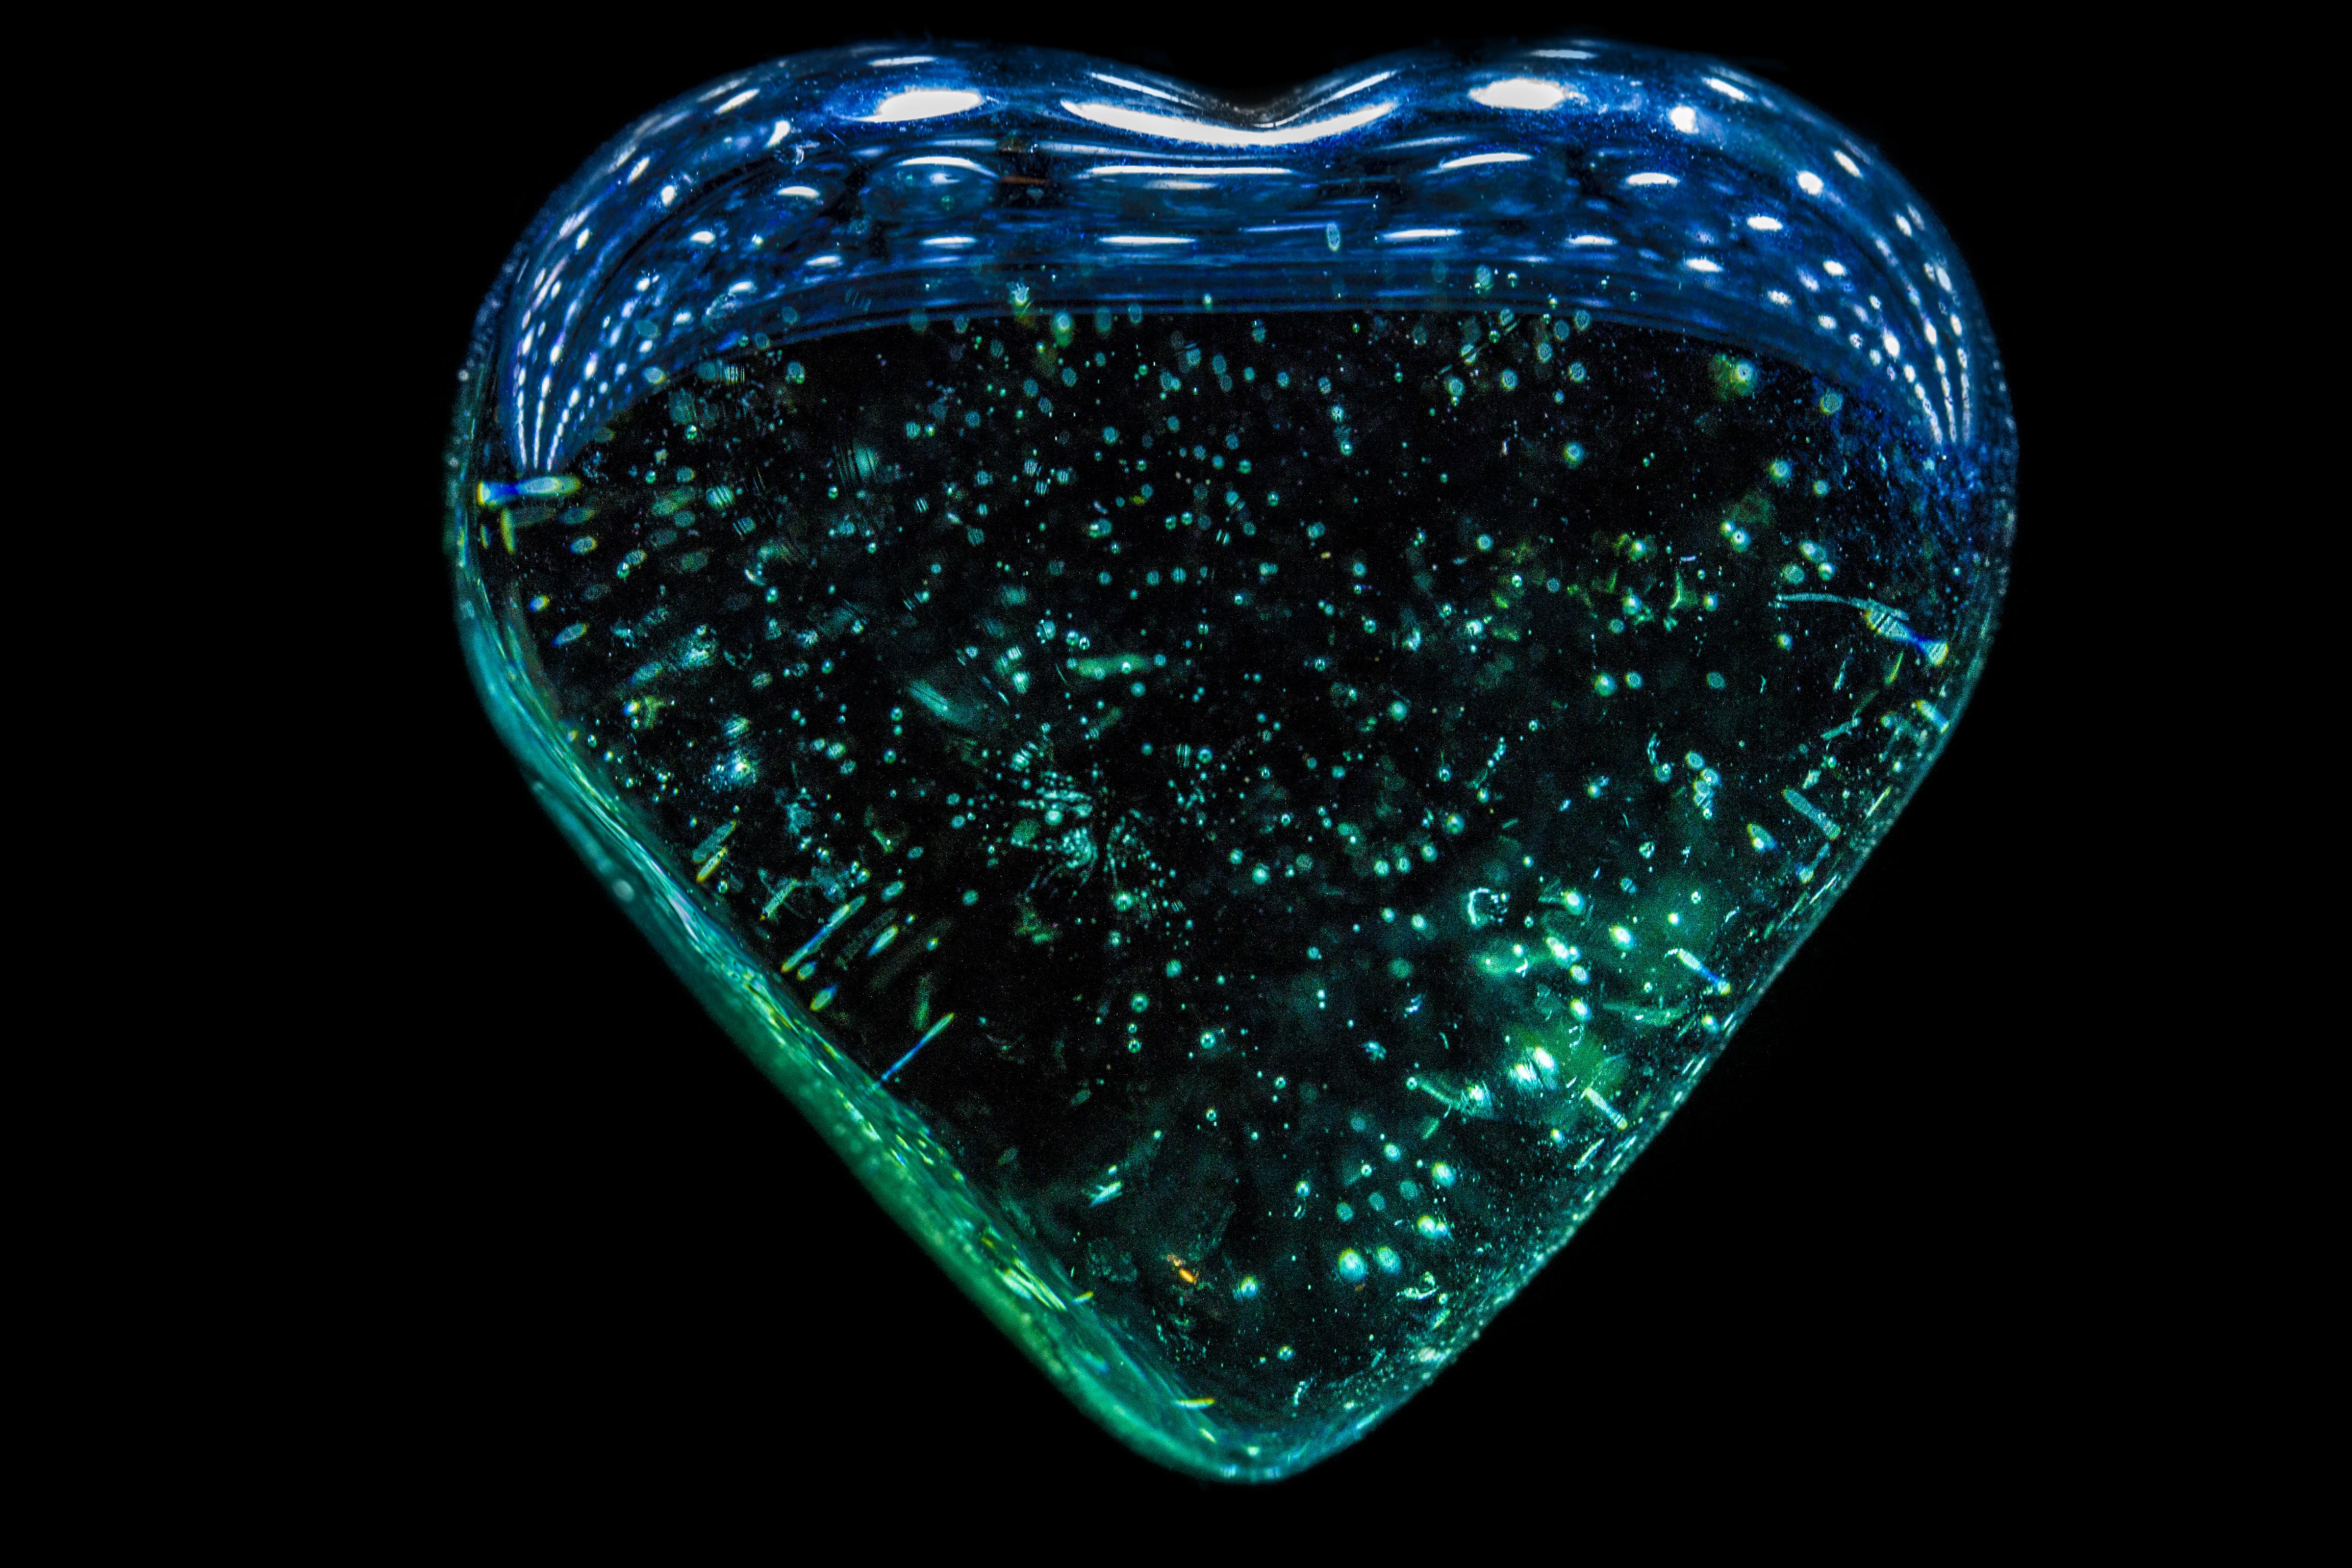 Kostenlose foto : Herz, blau, menschlicher Körper, Schmuck ...